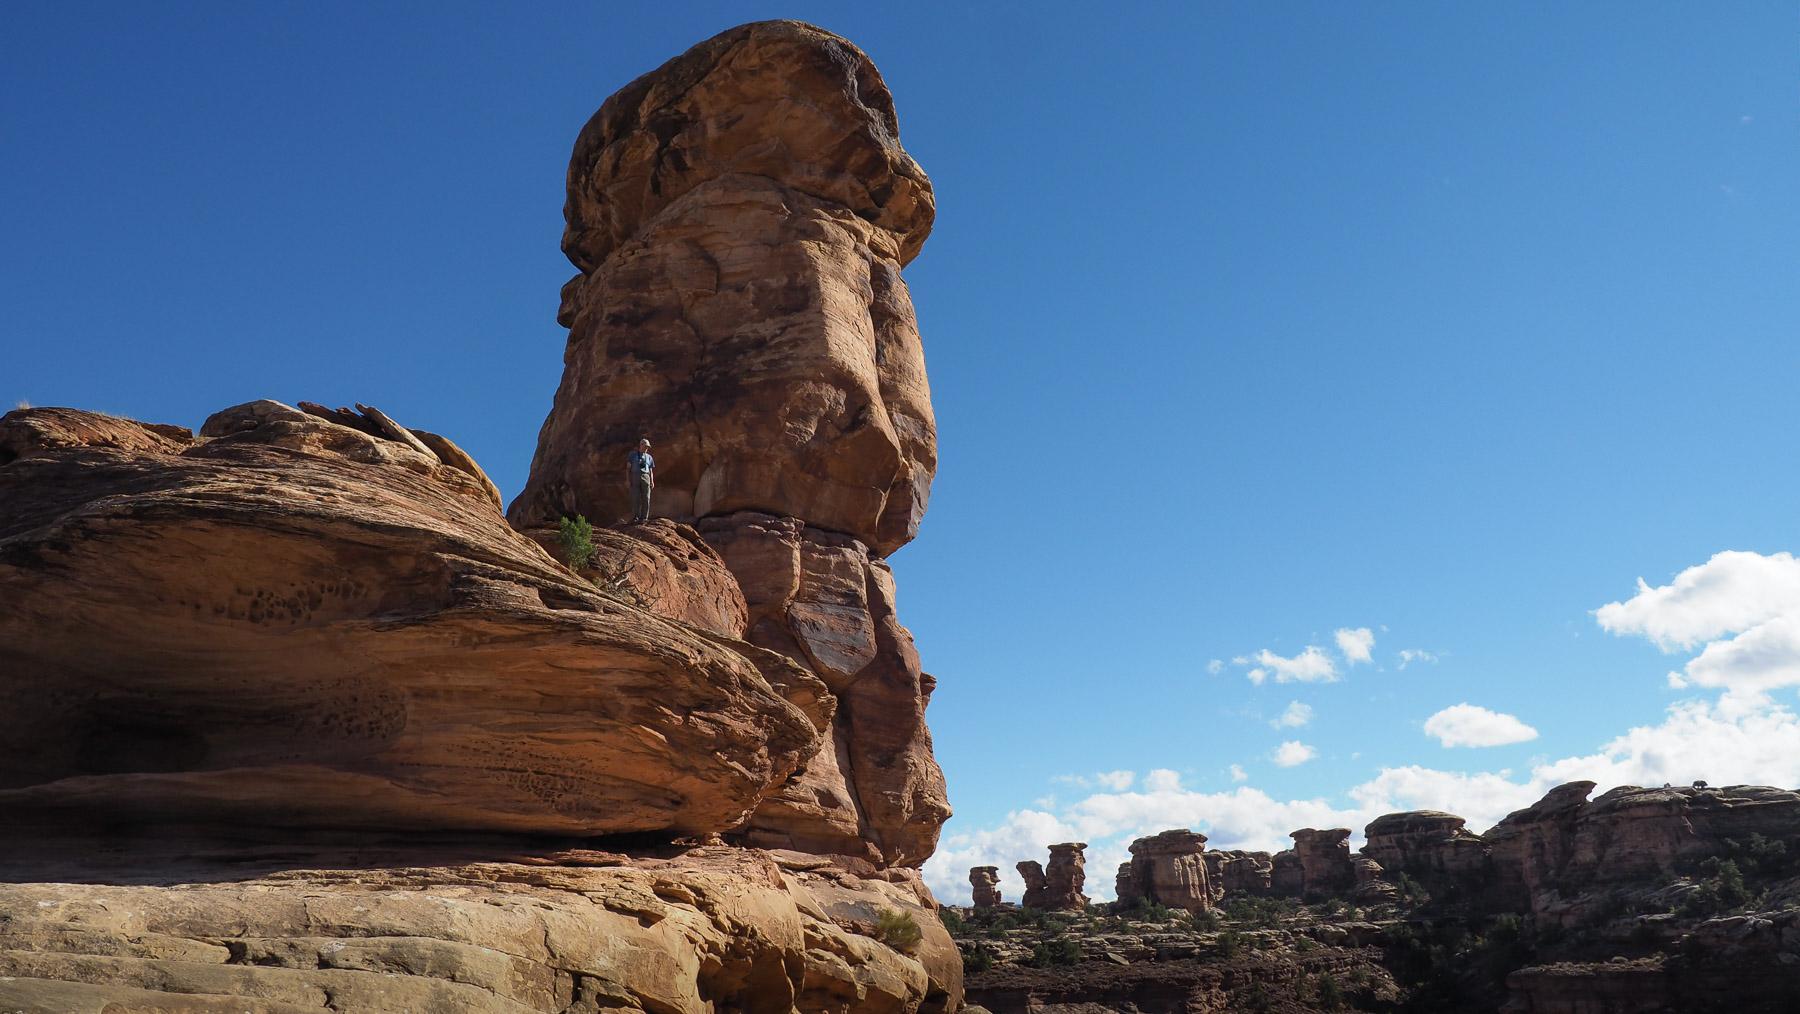 Georg's Kletterpartie zu einem der Türme